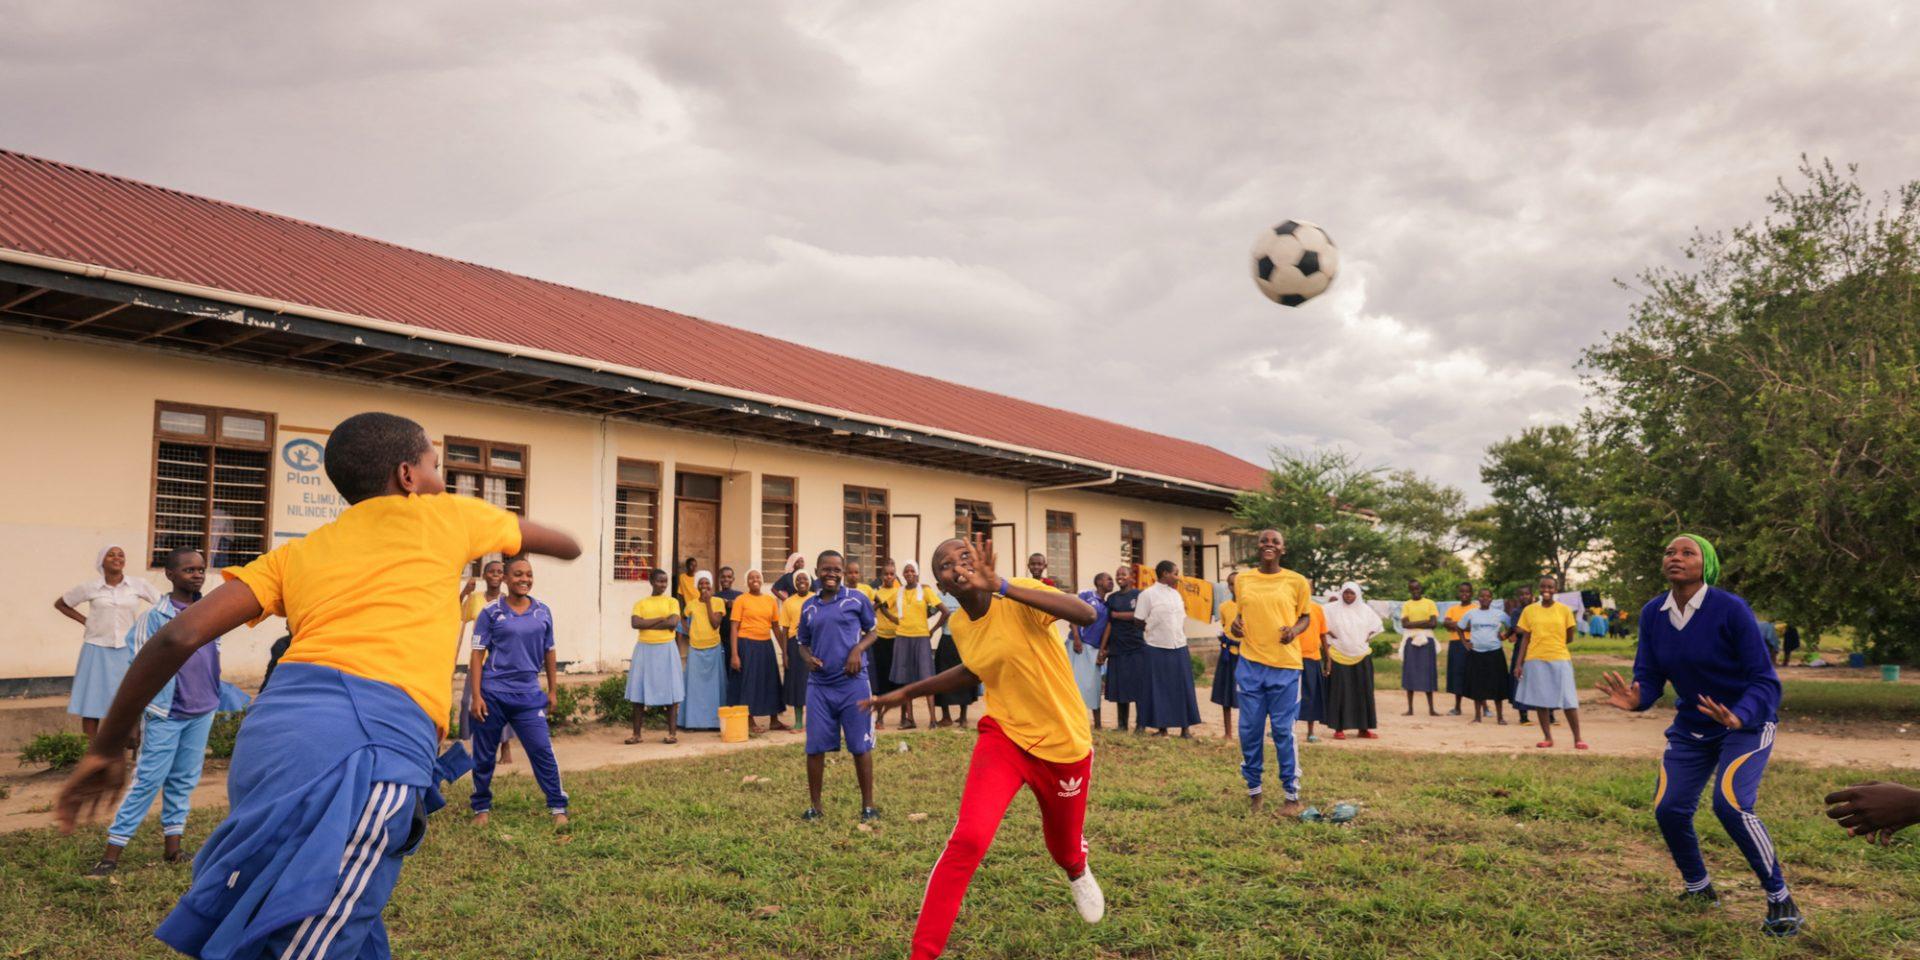 Ett av flickors många hinder för utveckling är barnäktenskap. Men nu har Tanzania förbjudit flickor under 18 att gifta sig. På en skola i distriktet Kibaha kan flickor få hjälp med bostad för att kunna gå klart skolan.